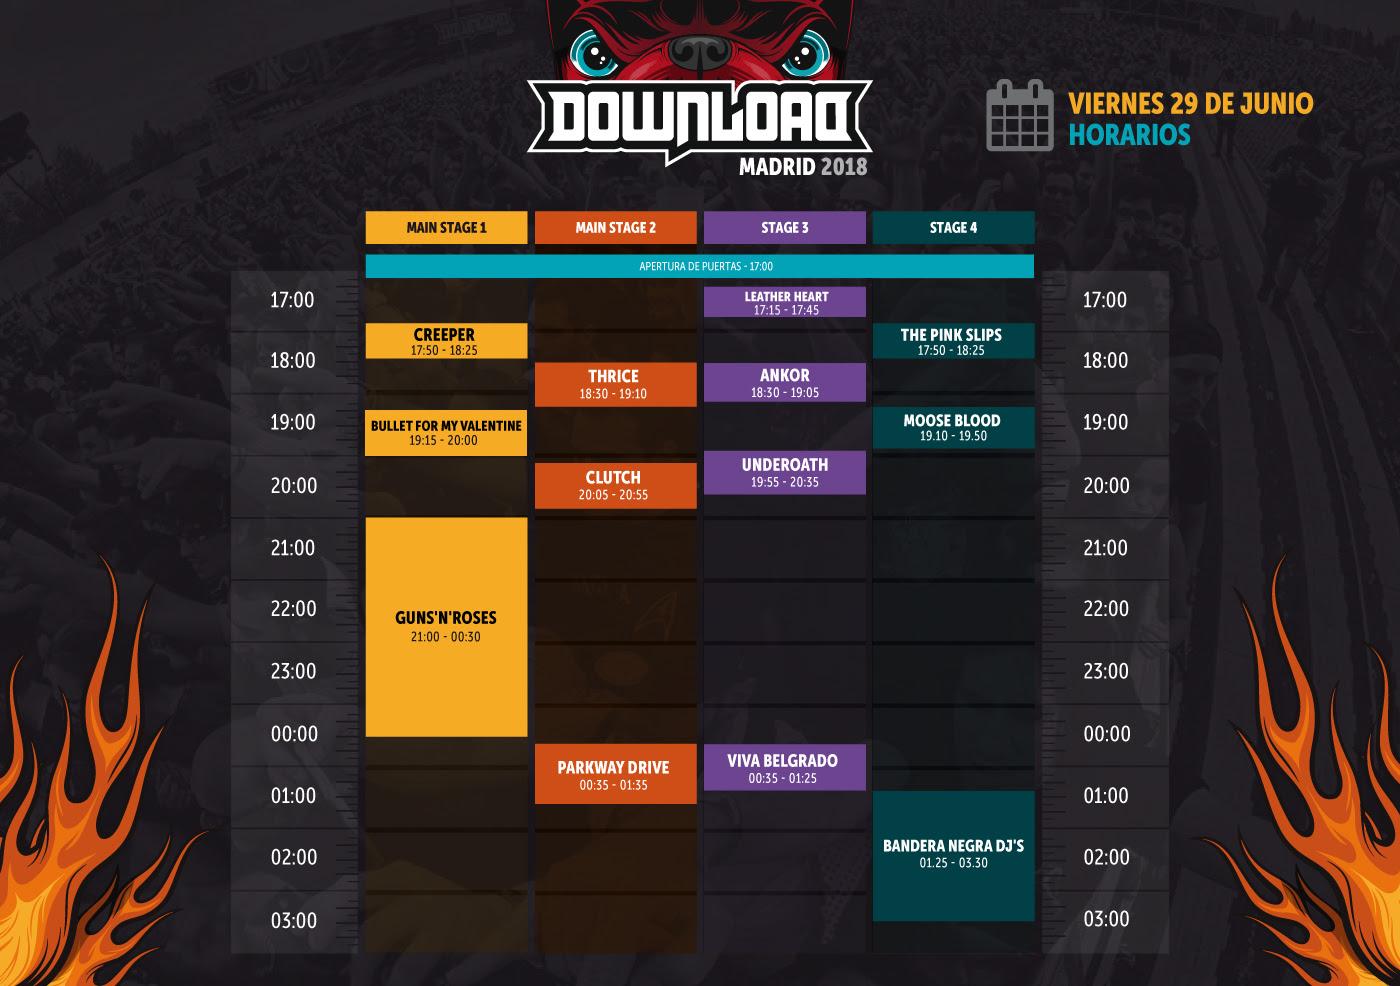 downlaod-festival-madrid-viernes-29-de-junio